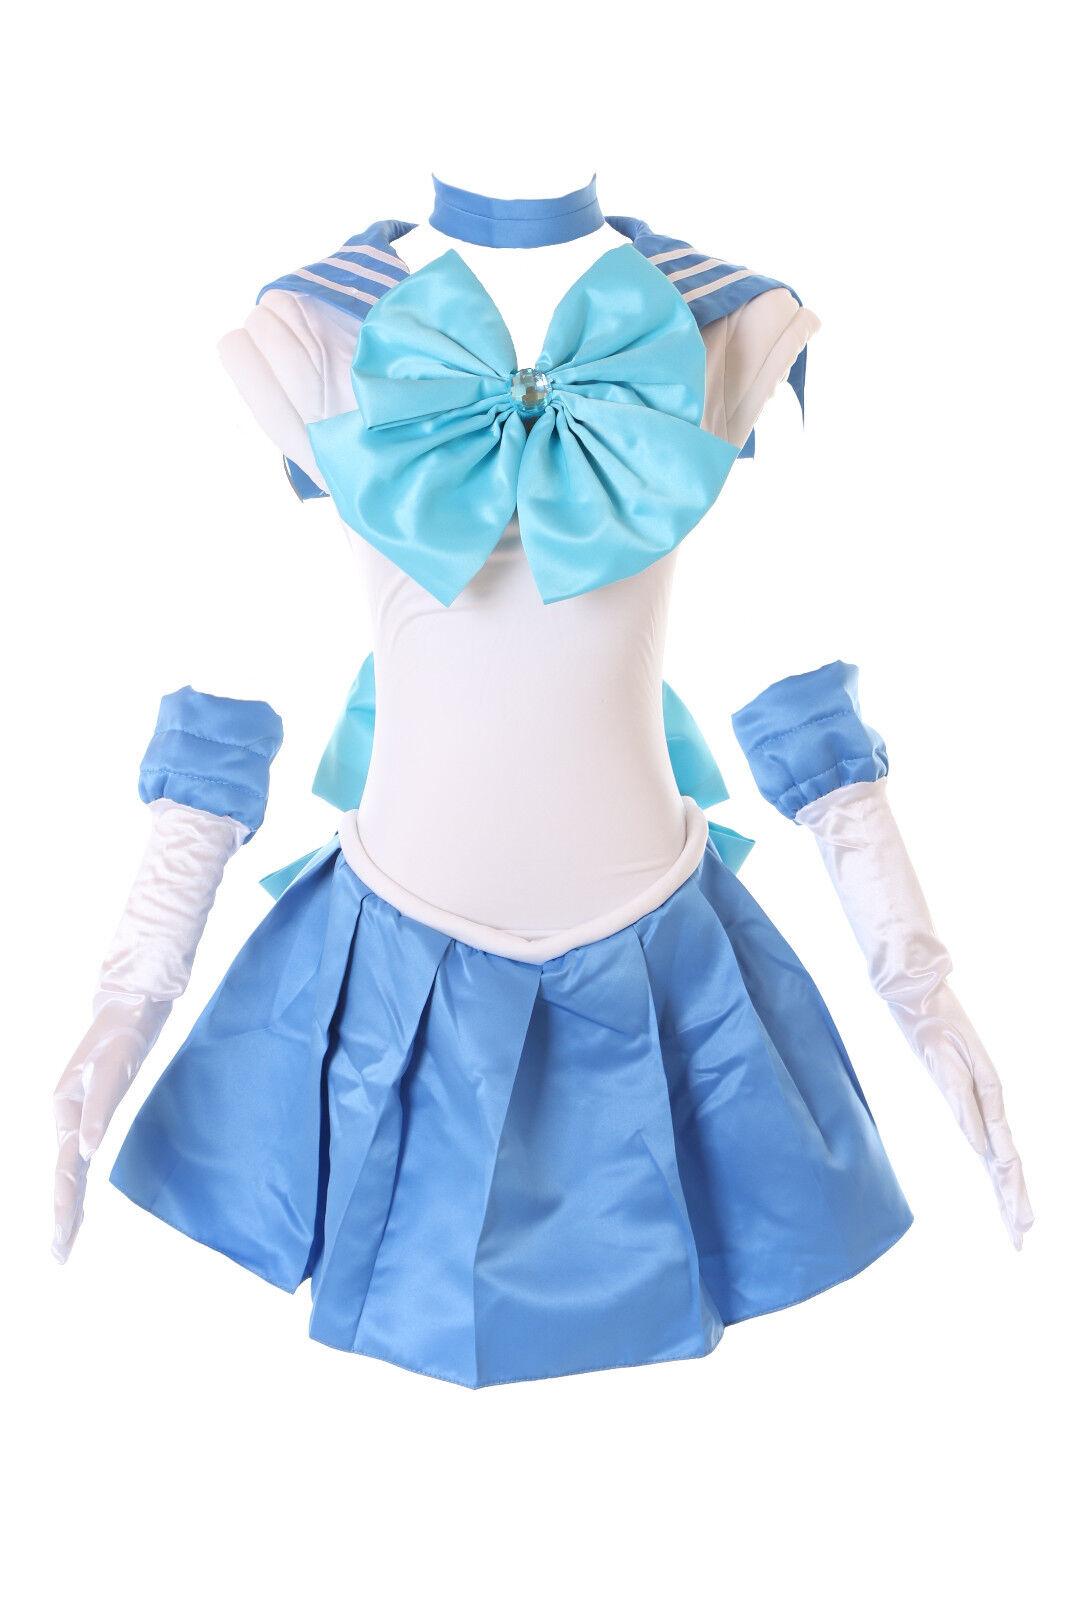 H-6004 Crystal Merkur Ami Sailor Moon Blau Weiß Cosplay Kostüm Kleid Set costume | Ausgezeichnete Leistung